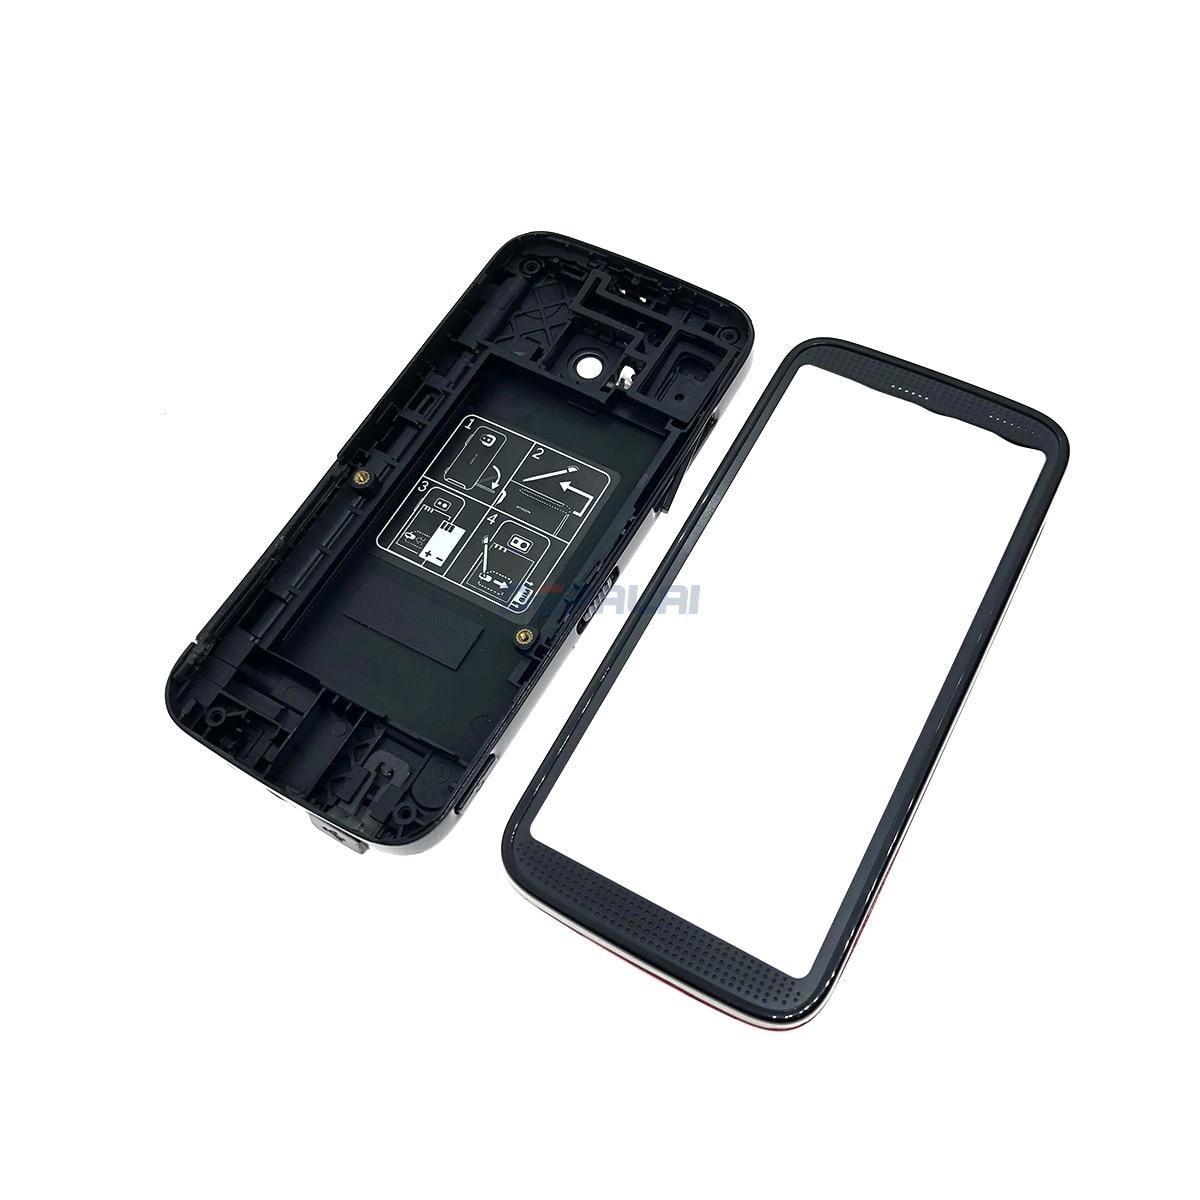 Nokia 5530 XpressMusic - description and parameters | IMEI24.com | 1200x1200